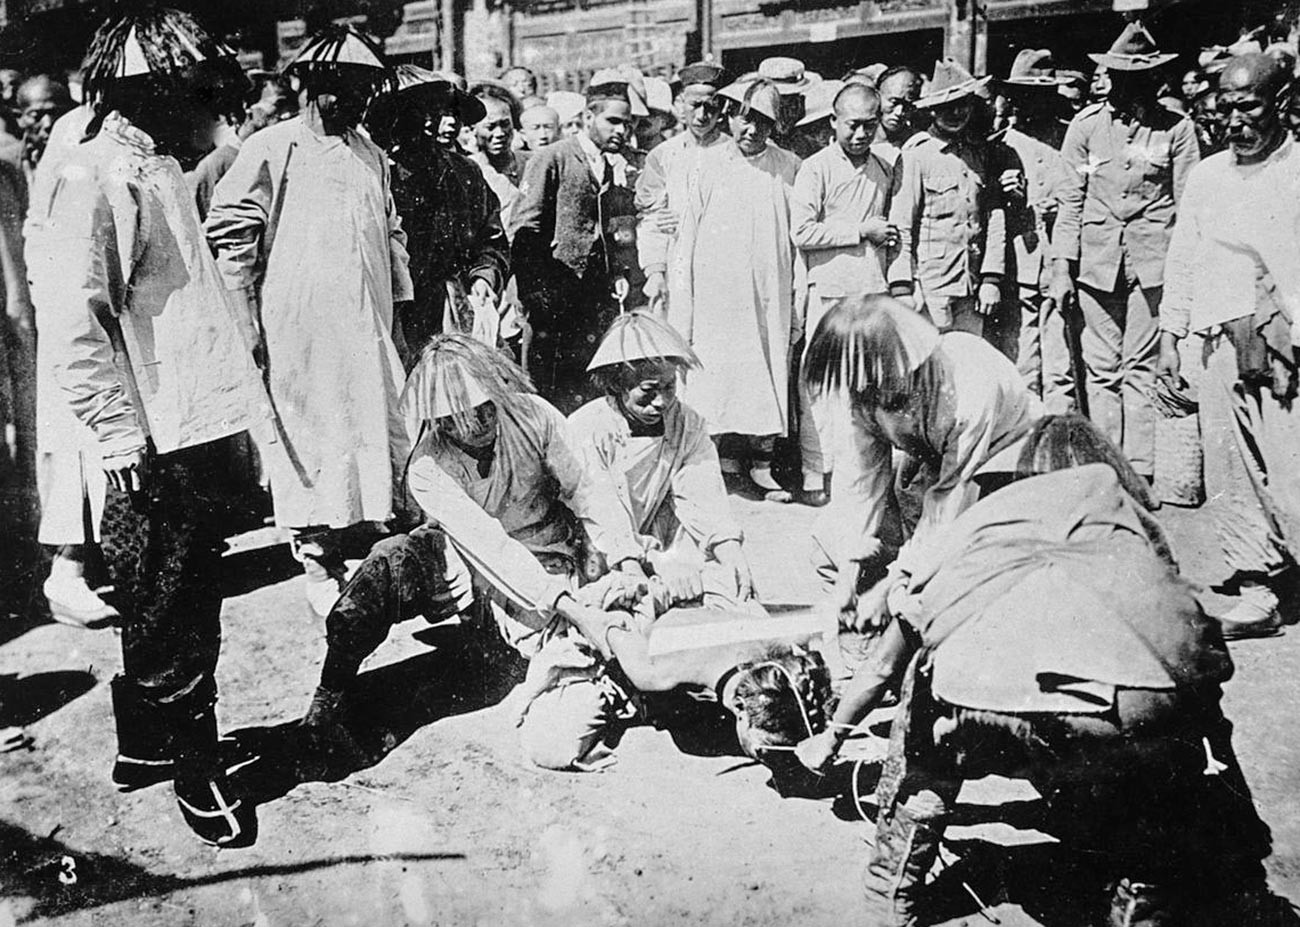 Seorang Petinju dipenggal di depan kerumunan orang Tiongkok.